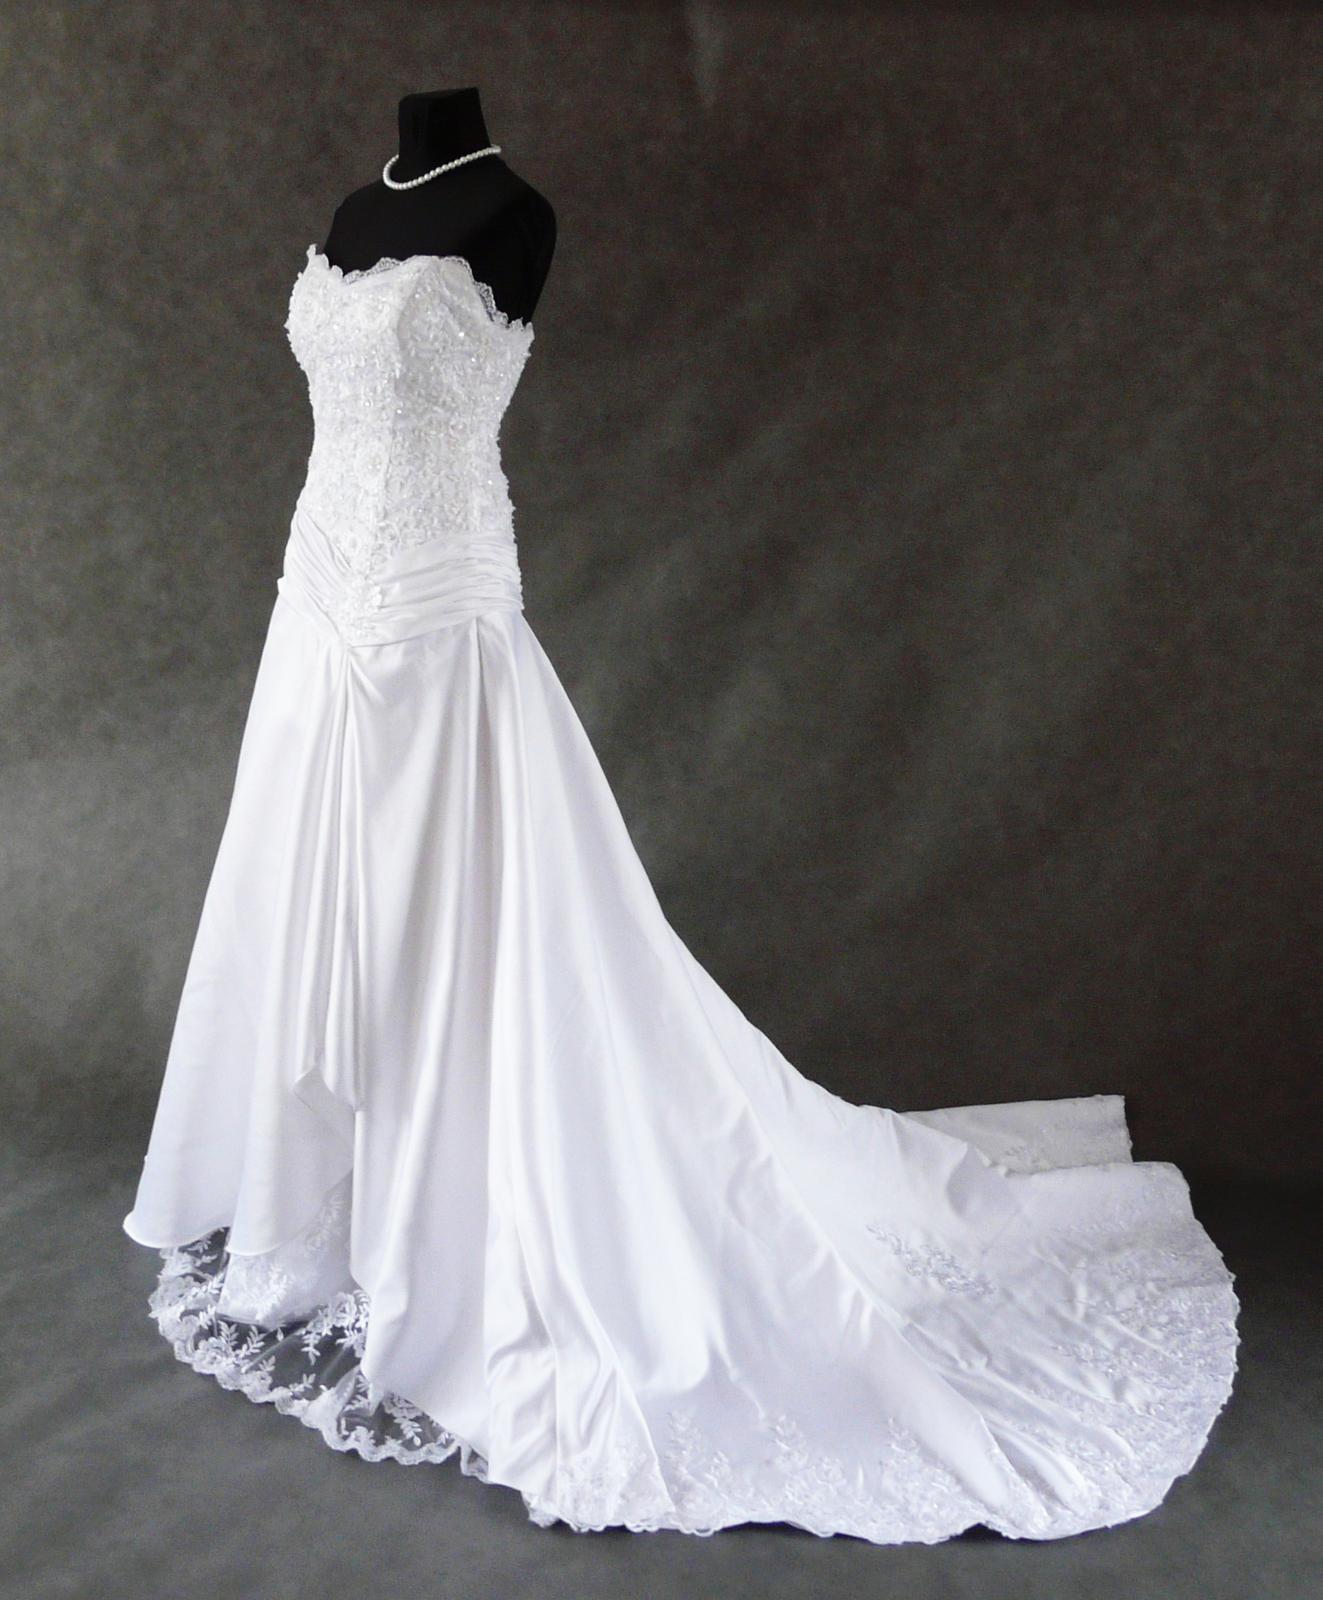 Reálné foto šatů - Obrázek č. 1